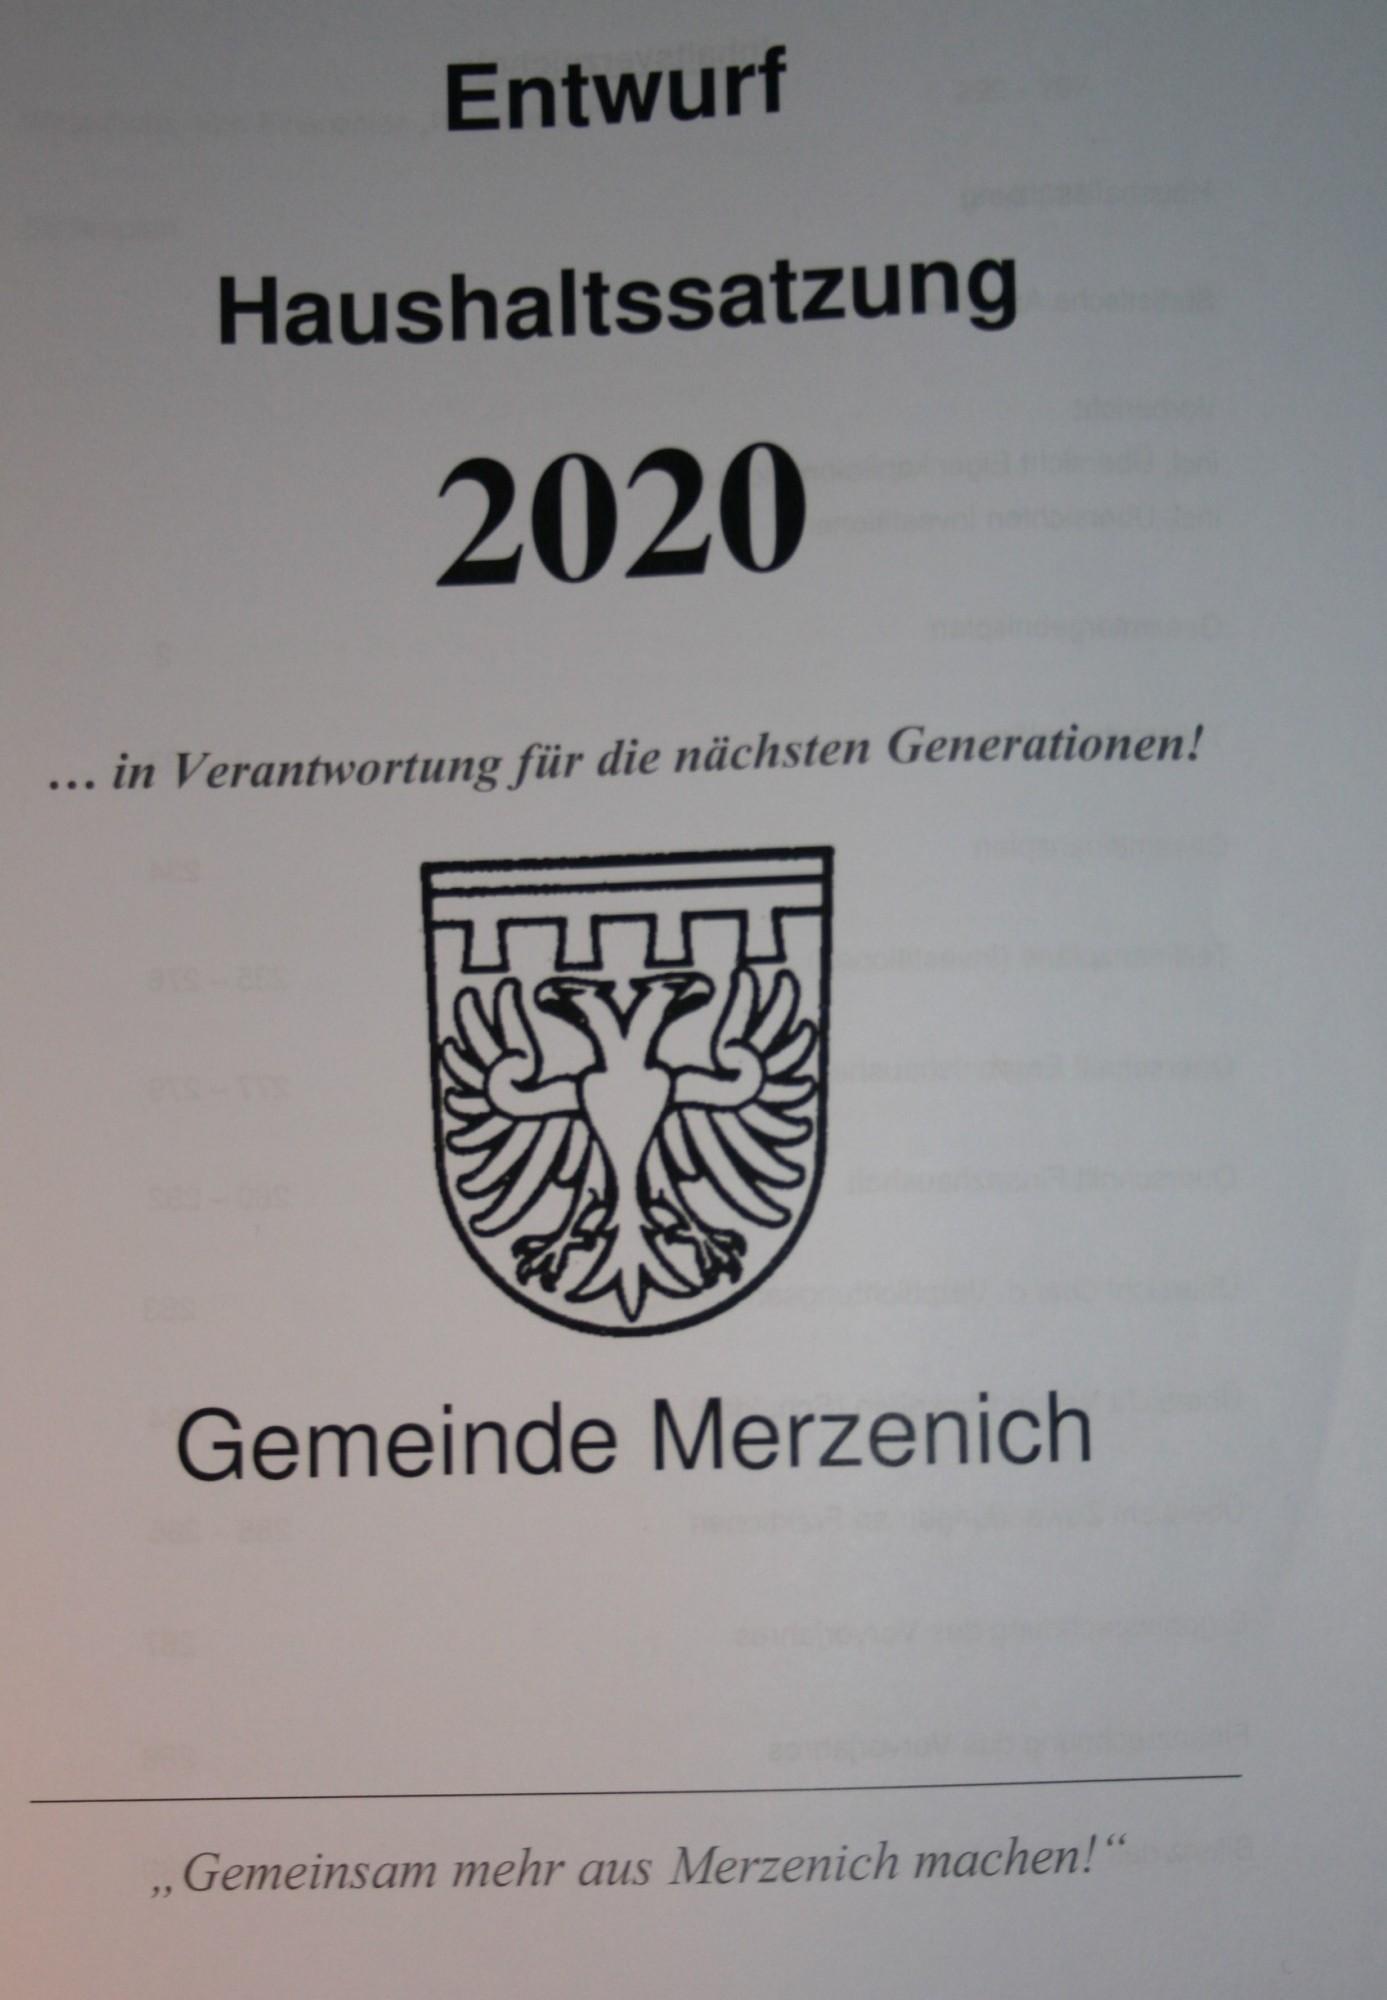 Haushalt 2020 eingebracht